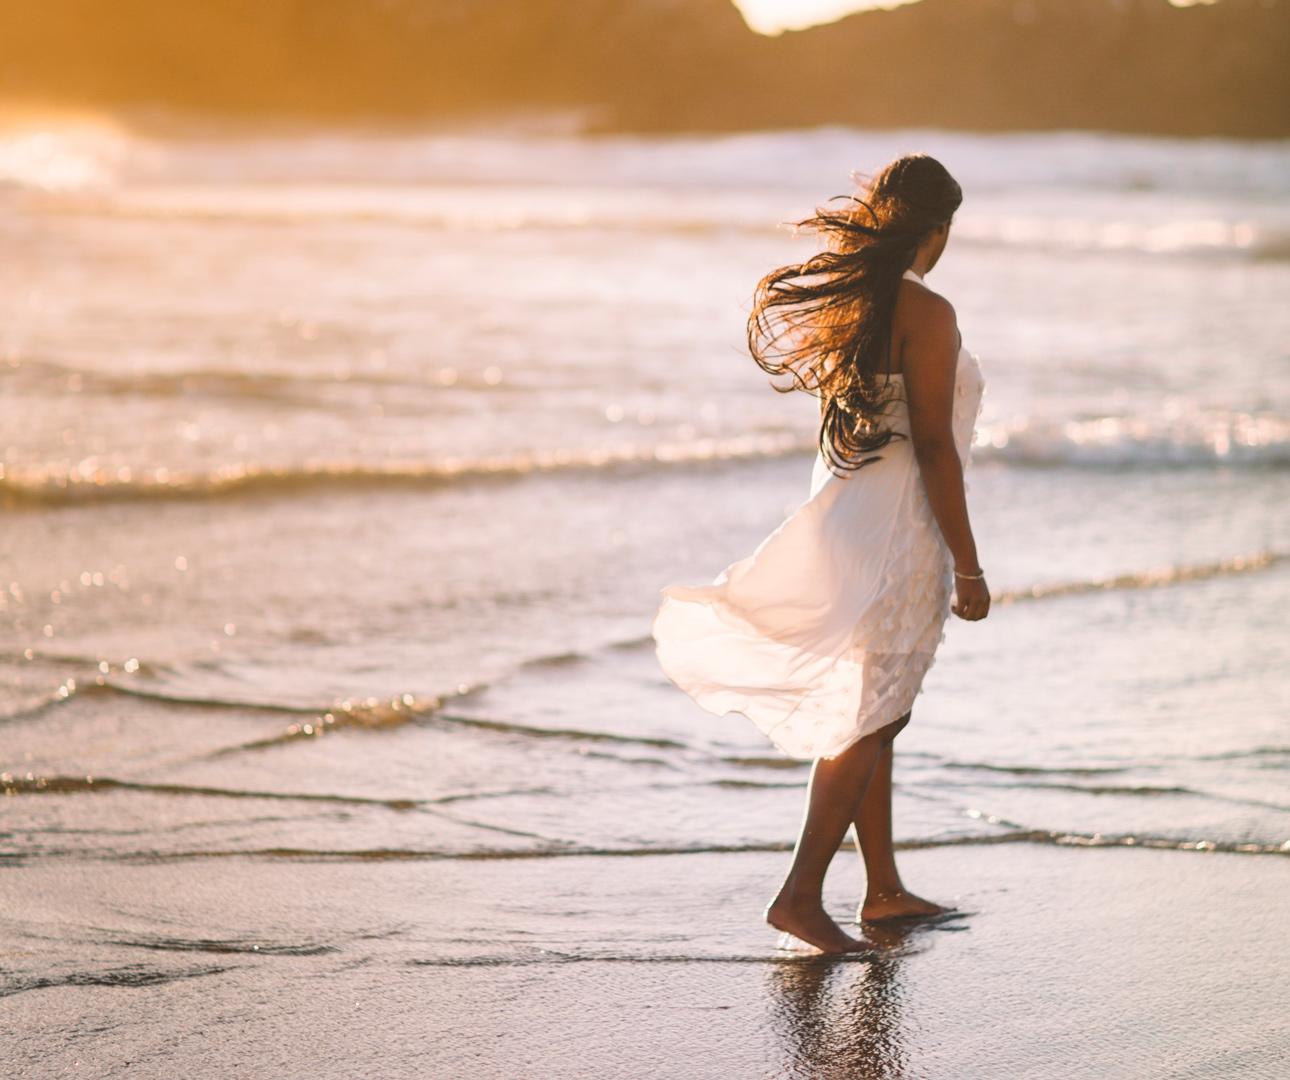 Séjour au bord de la mer